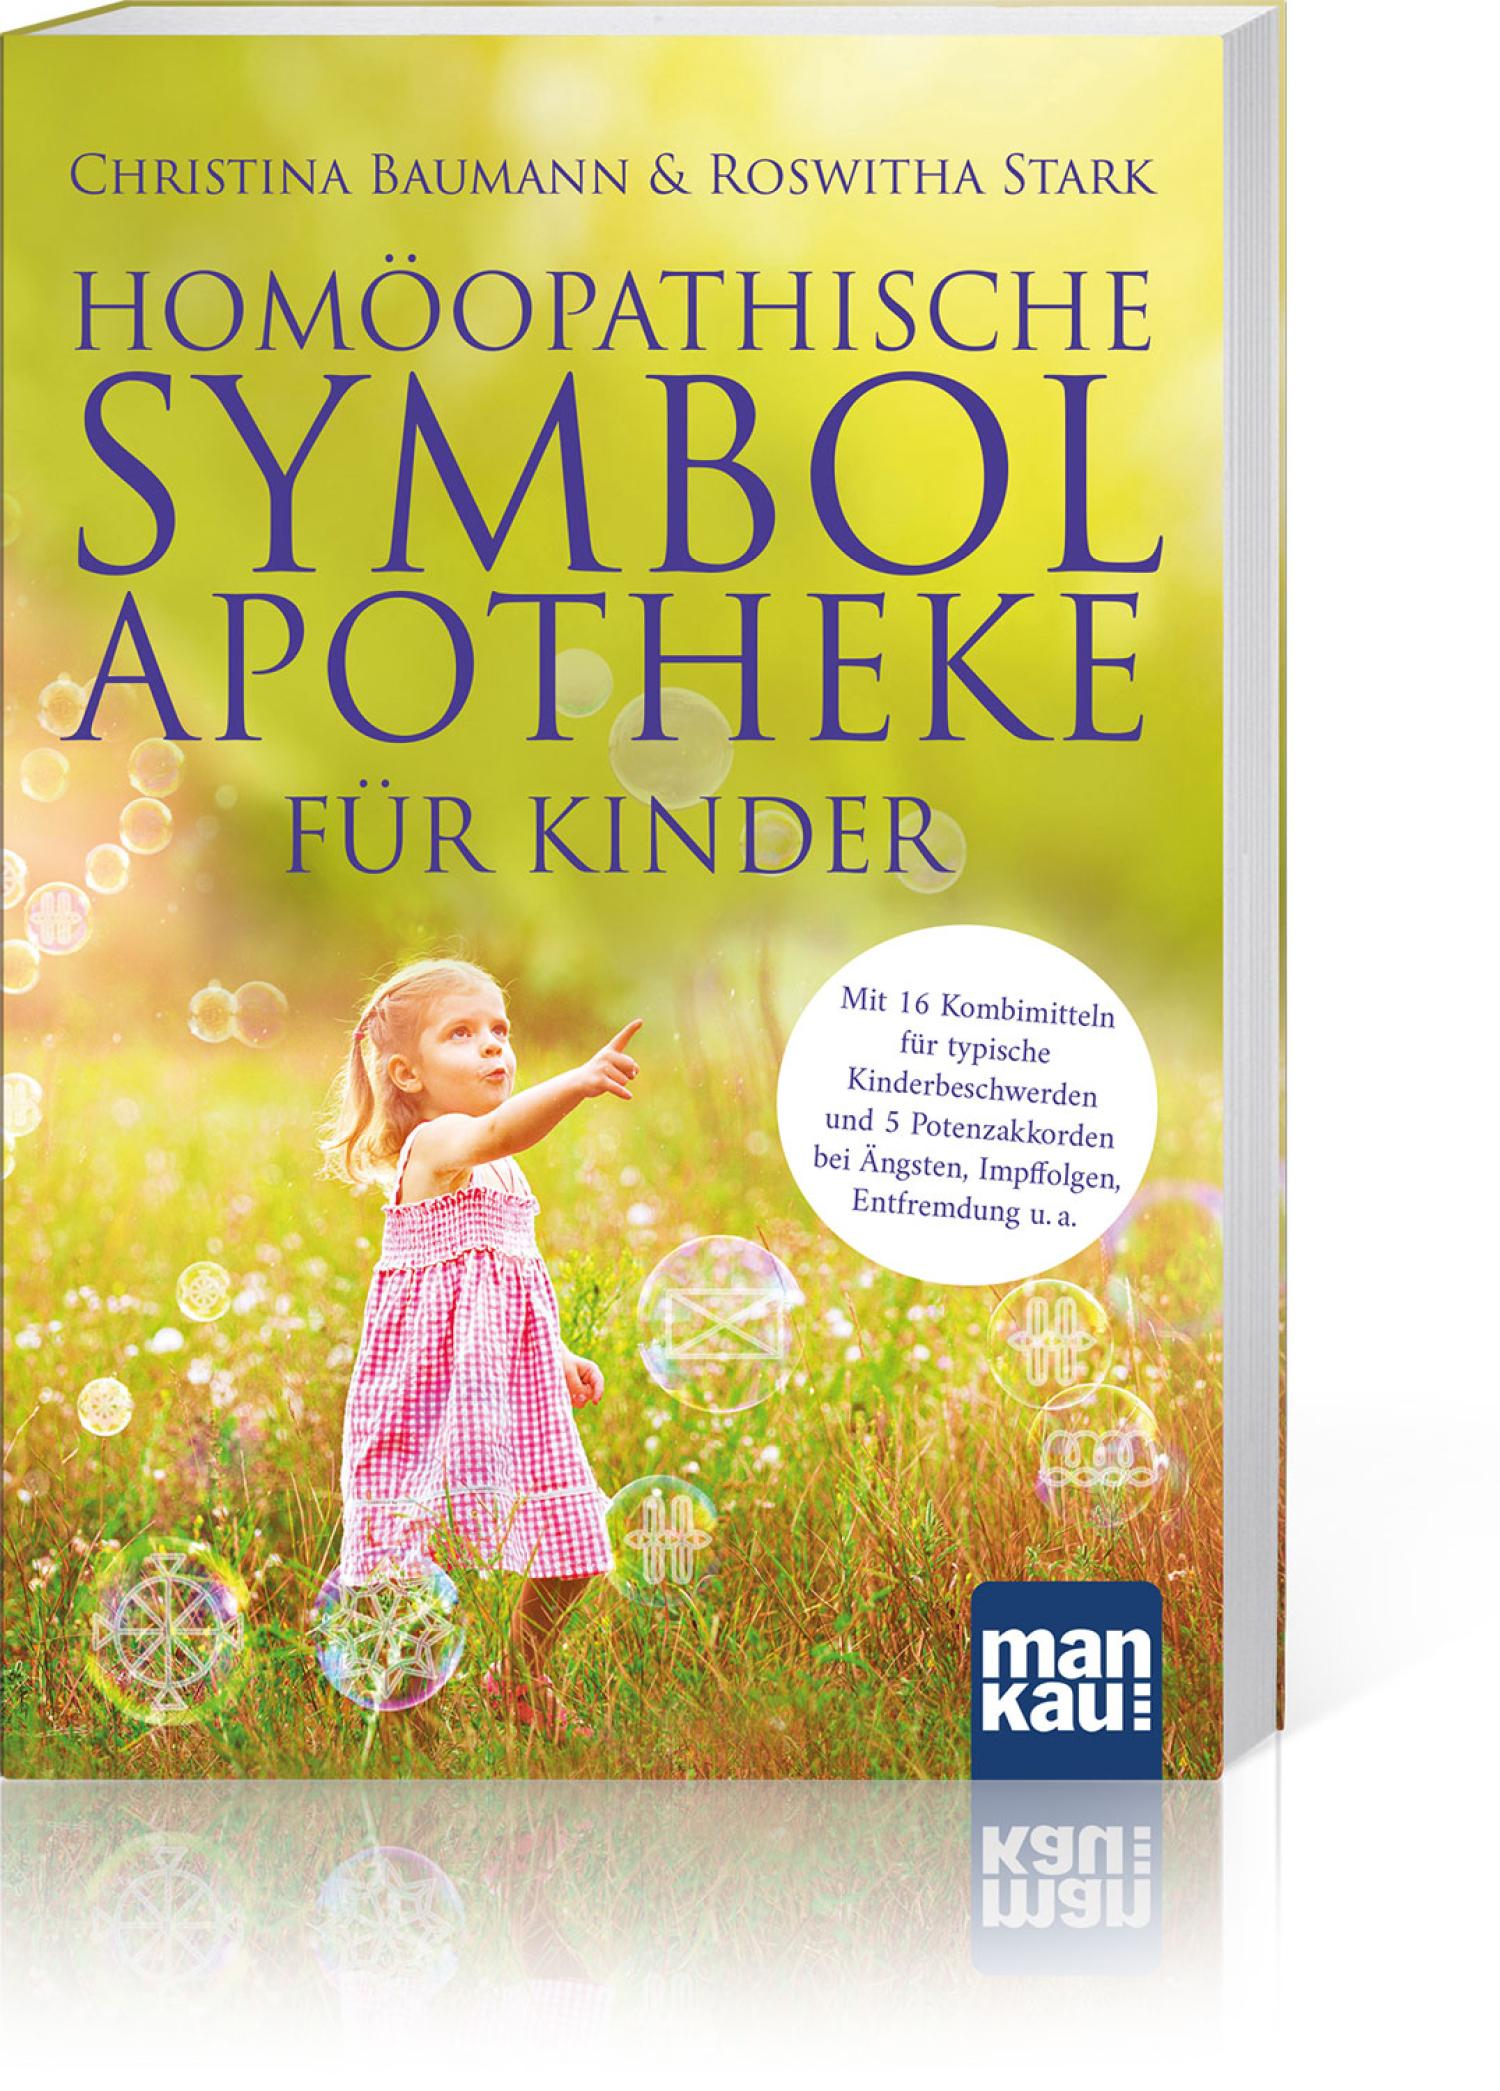 Homöopathische Symbolapotheke für Kinder, Produktbild 1